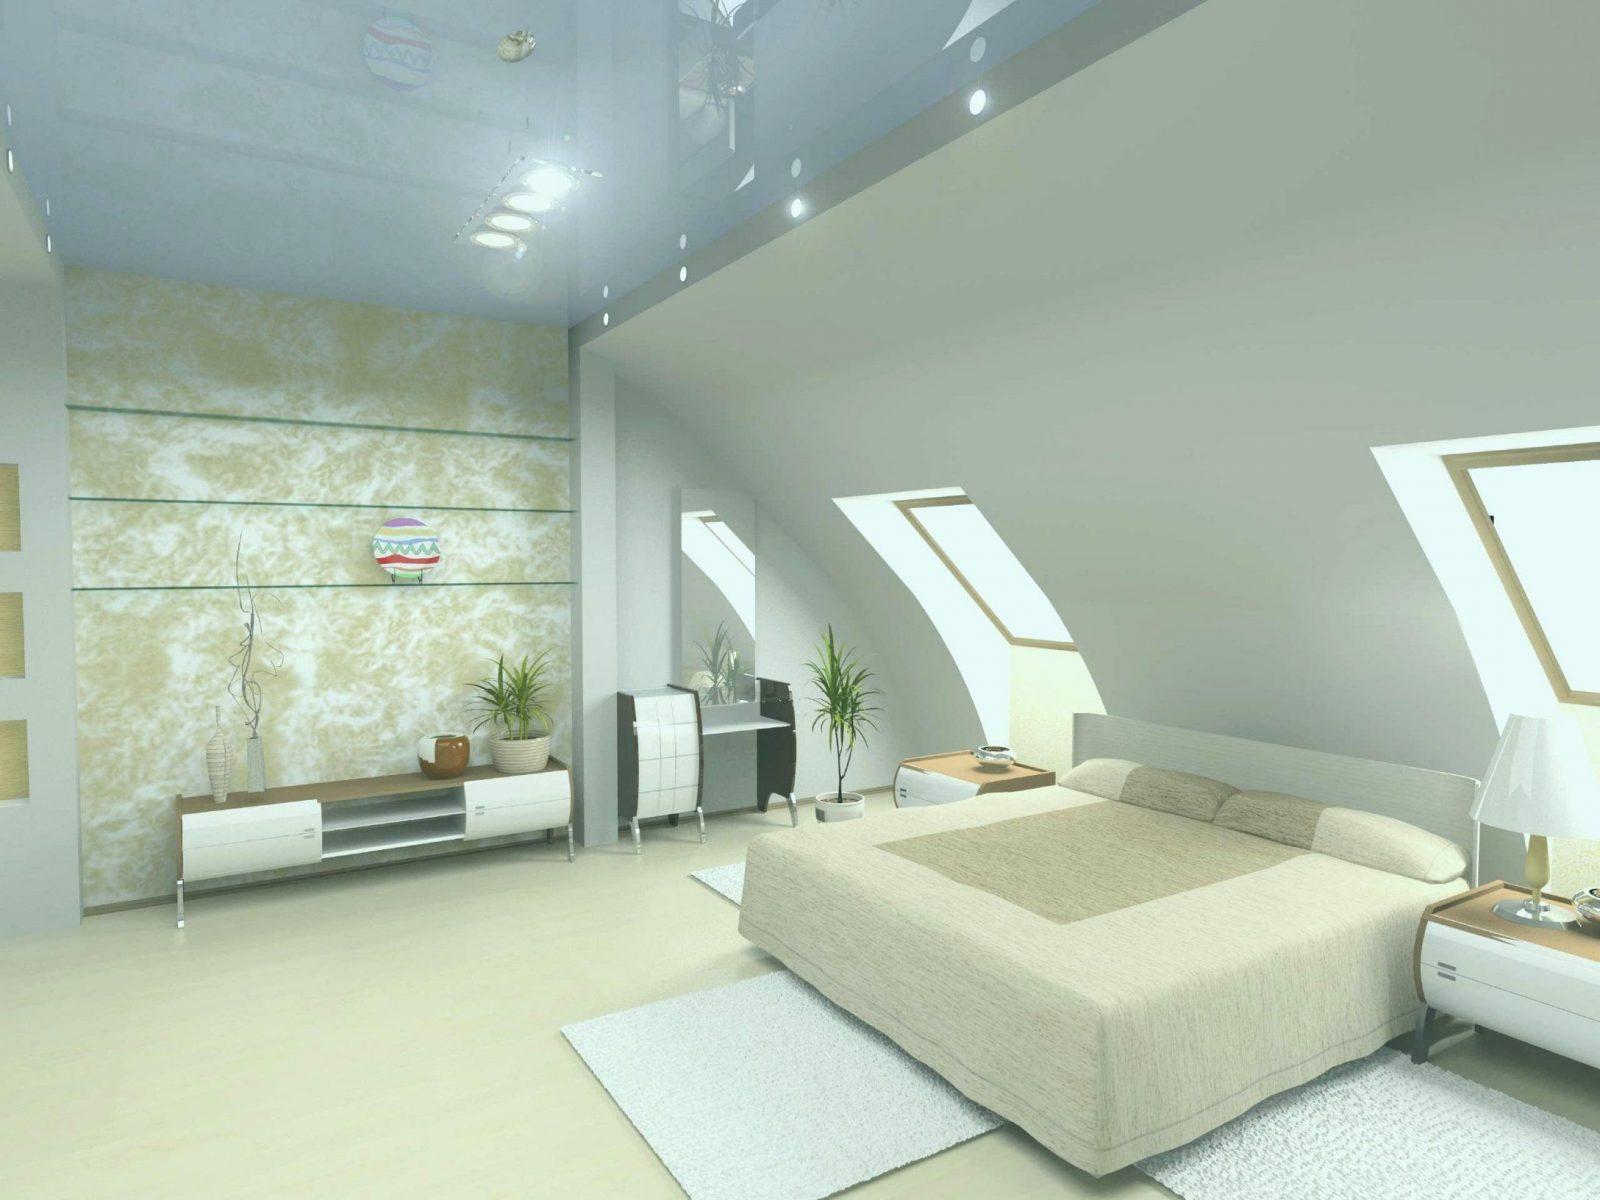 28 Schlafzimmer Ideen Dachschräge Interior Designideen Für Ihr von ...